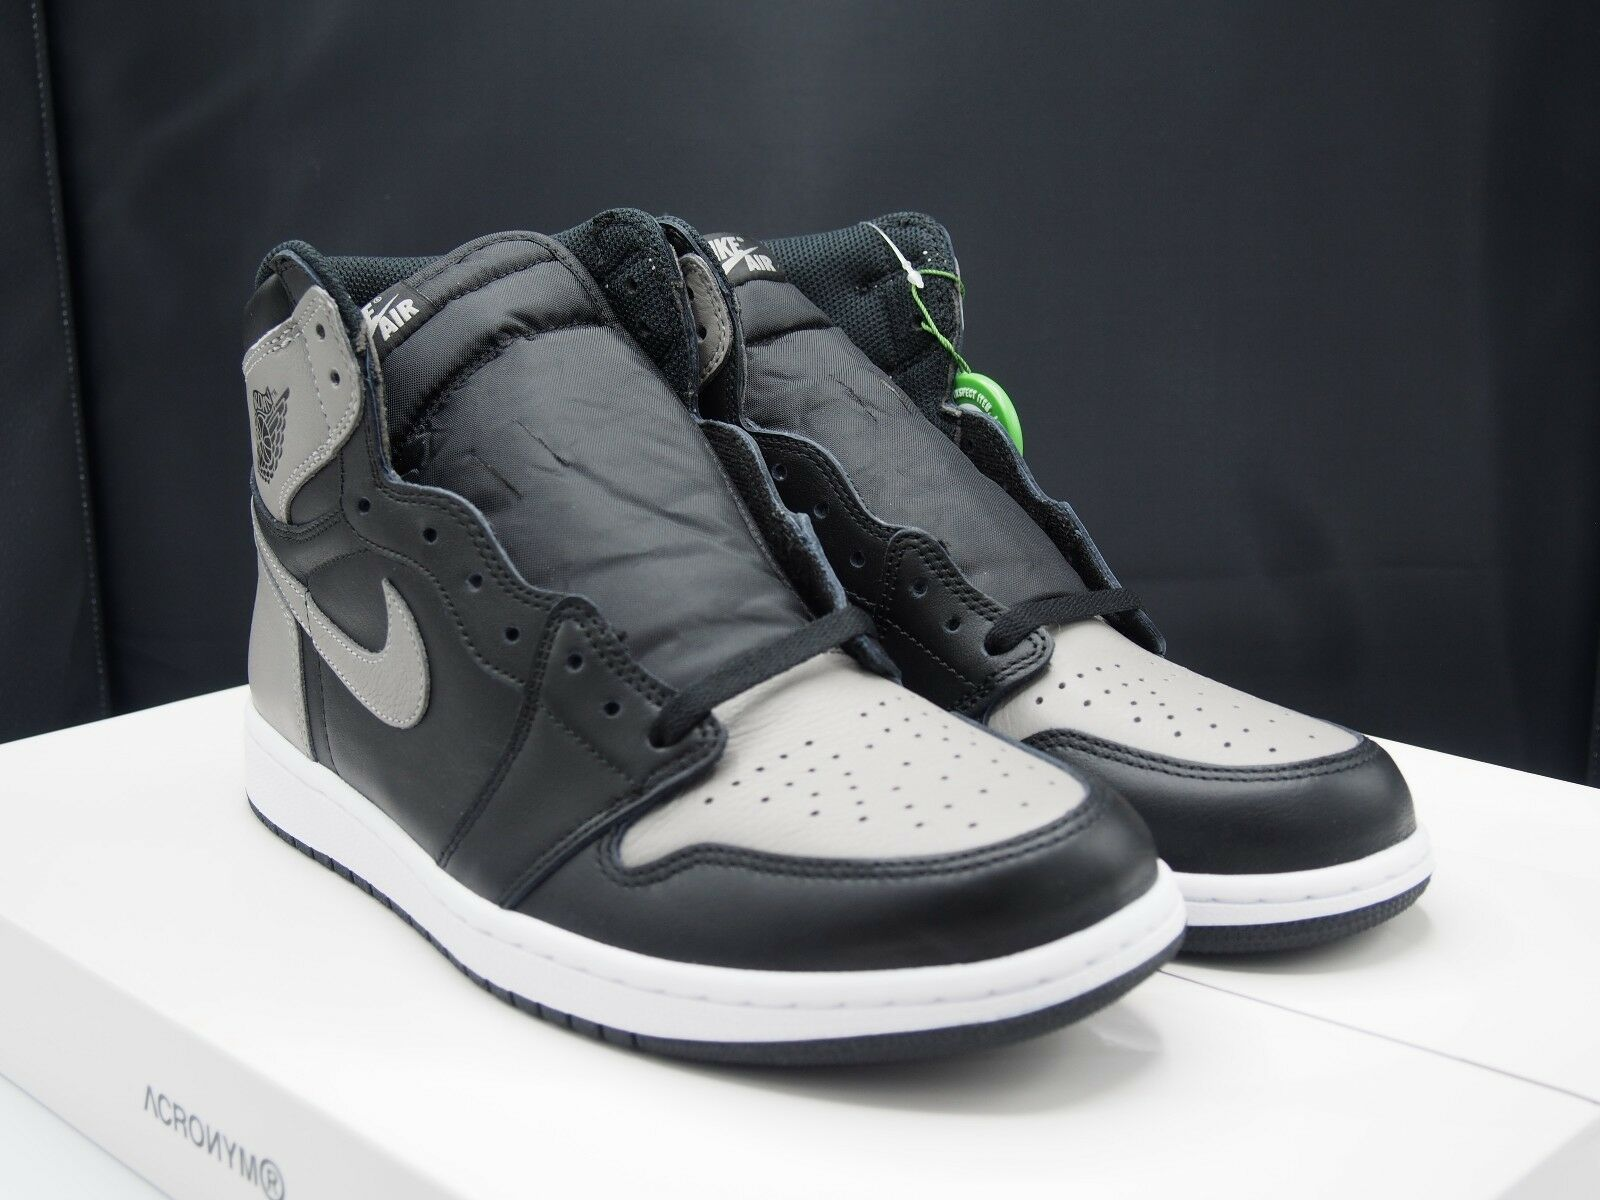 Nike air jordan 1 alta og retrò 555088-013 ombra